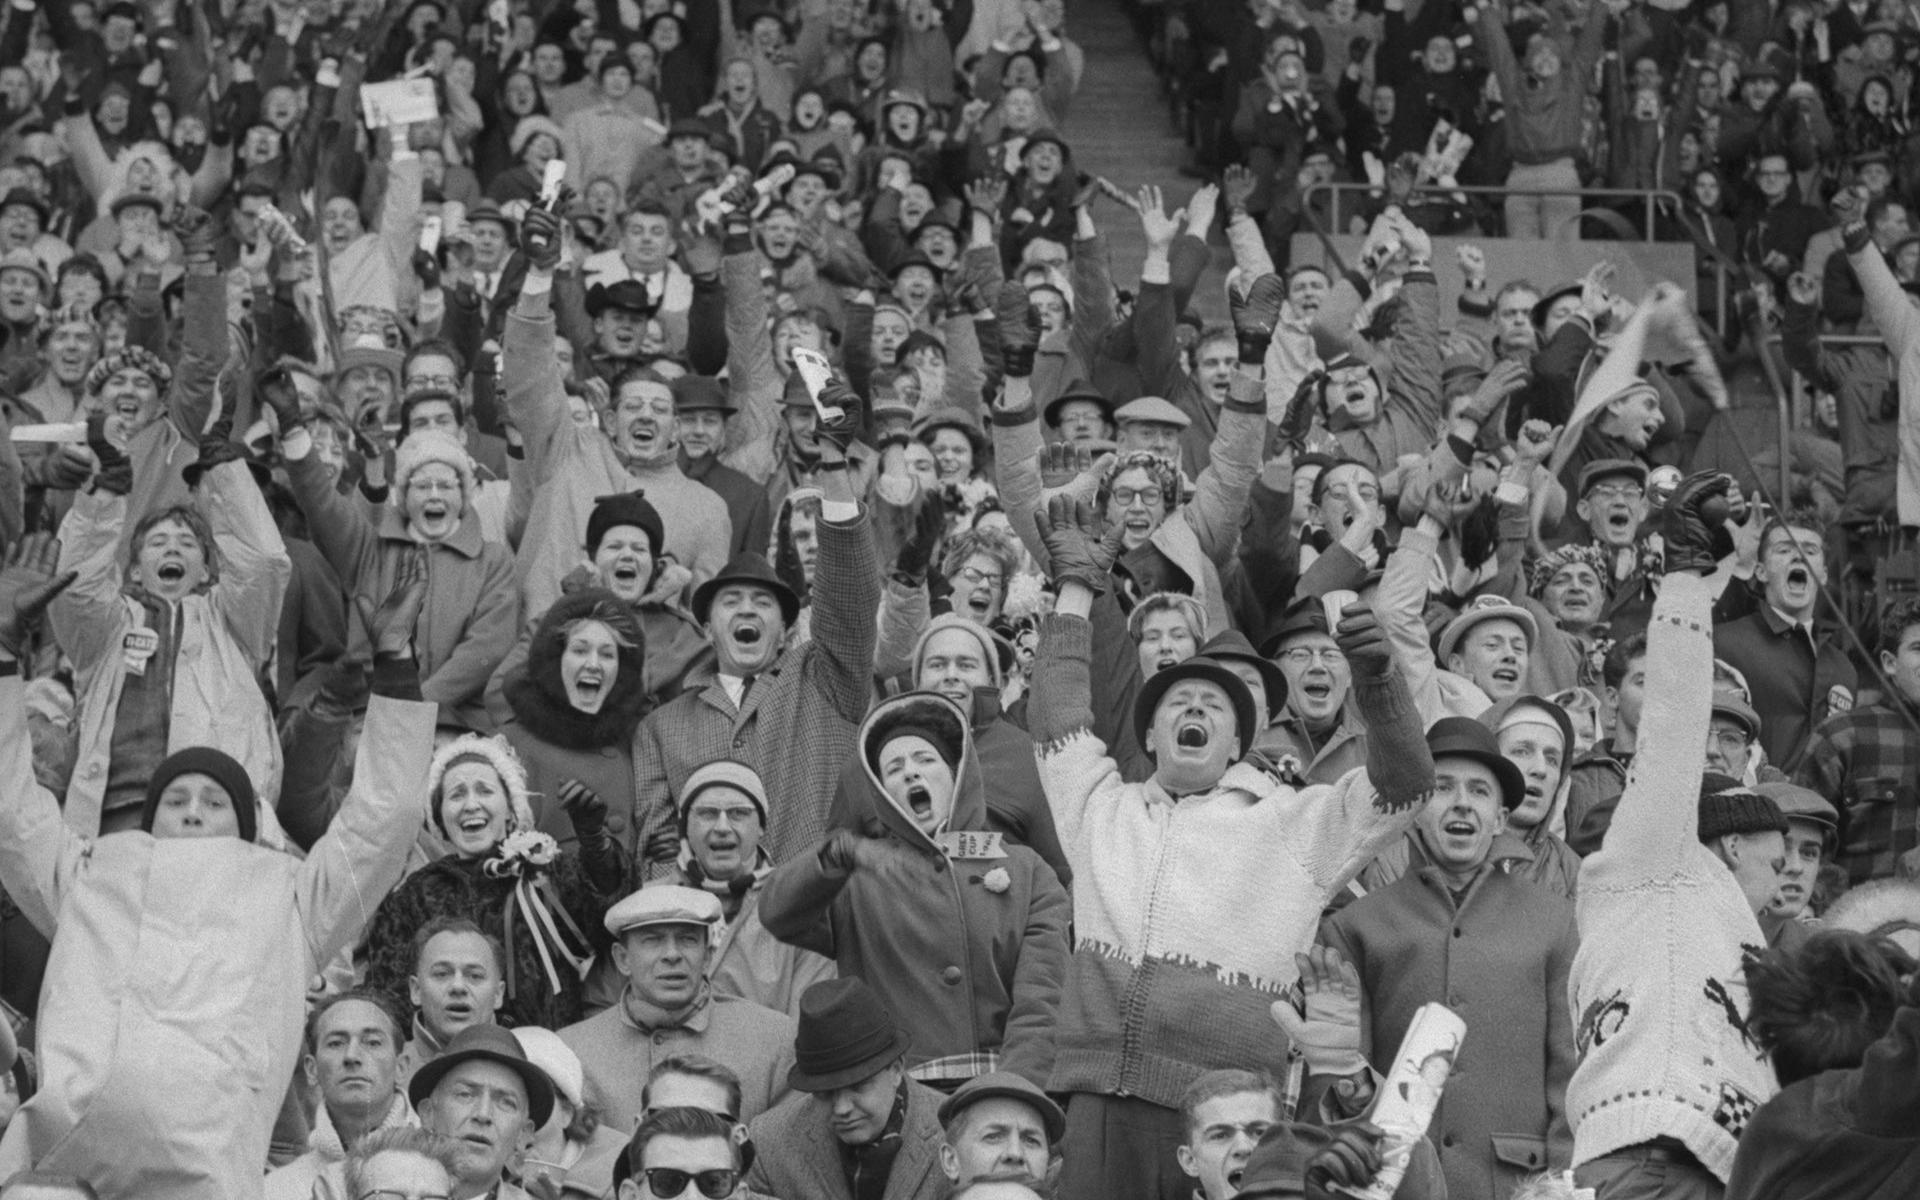 À Toronto, une foule enthousiaste assiste au match de football de la coupe Grey.